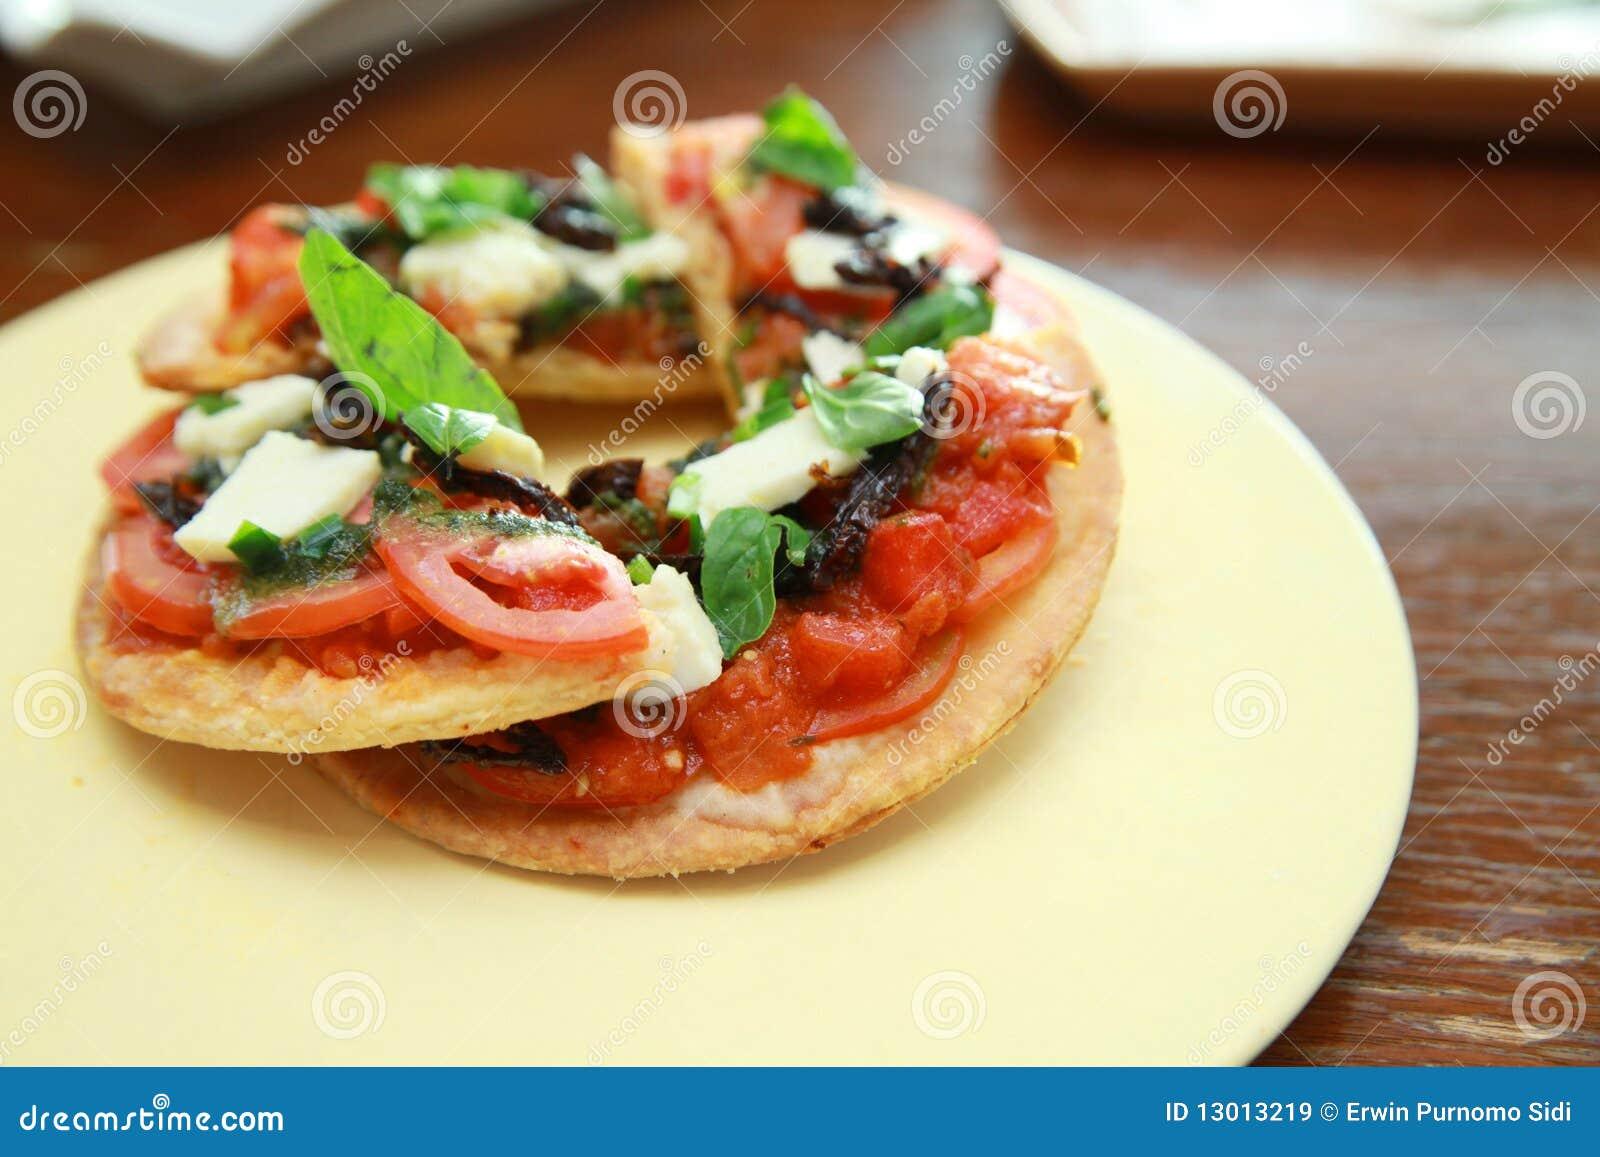 Mini vegetable pizza